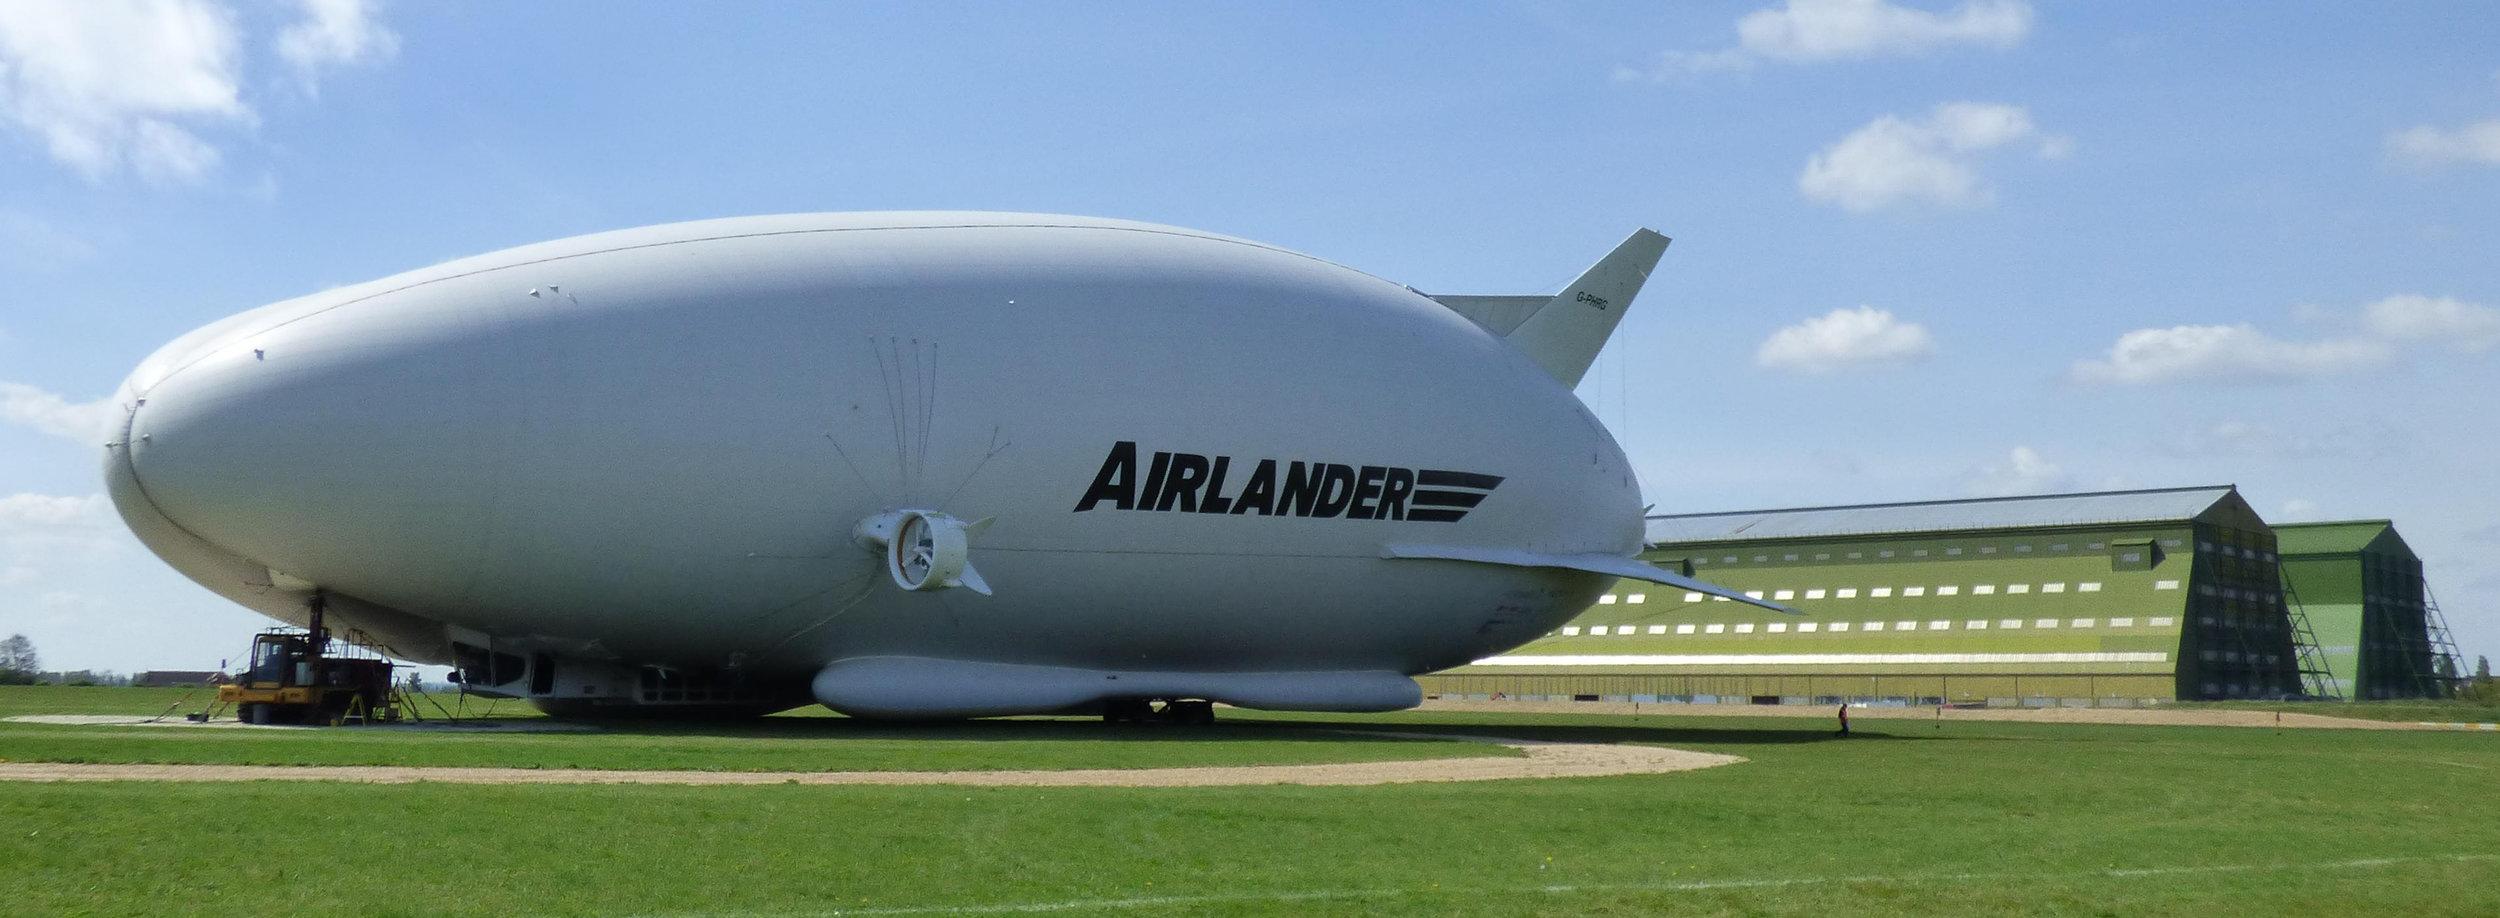 Airlander Design Q.jpg